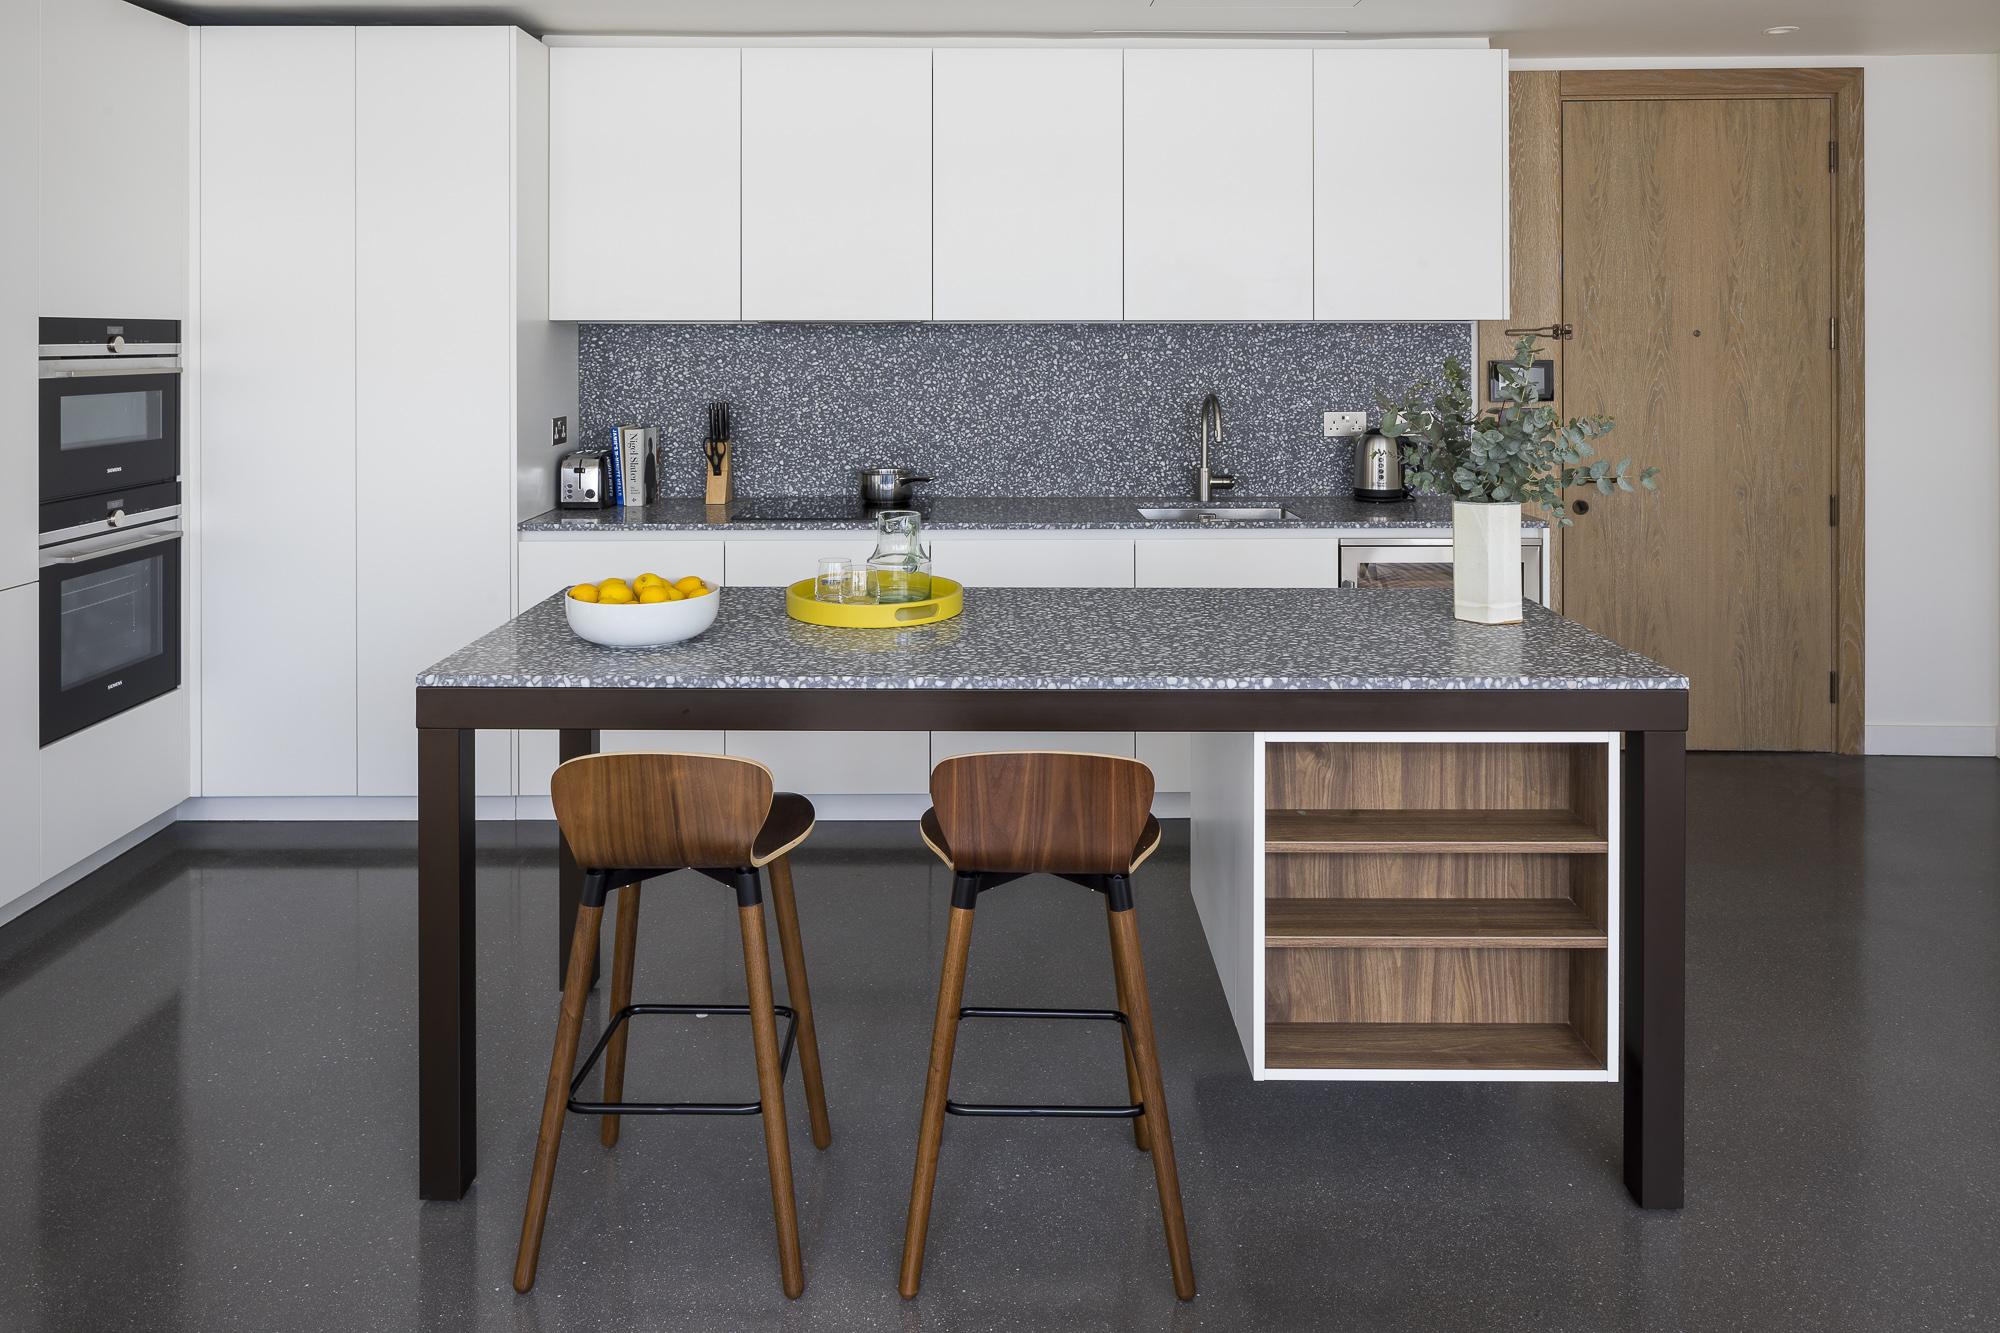 Kitchen Television Centre 301-16.jpg